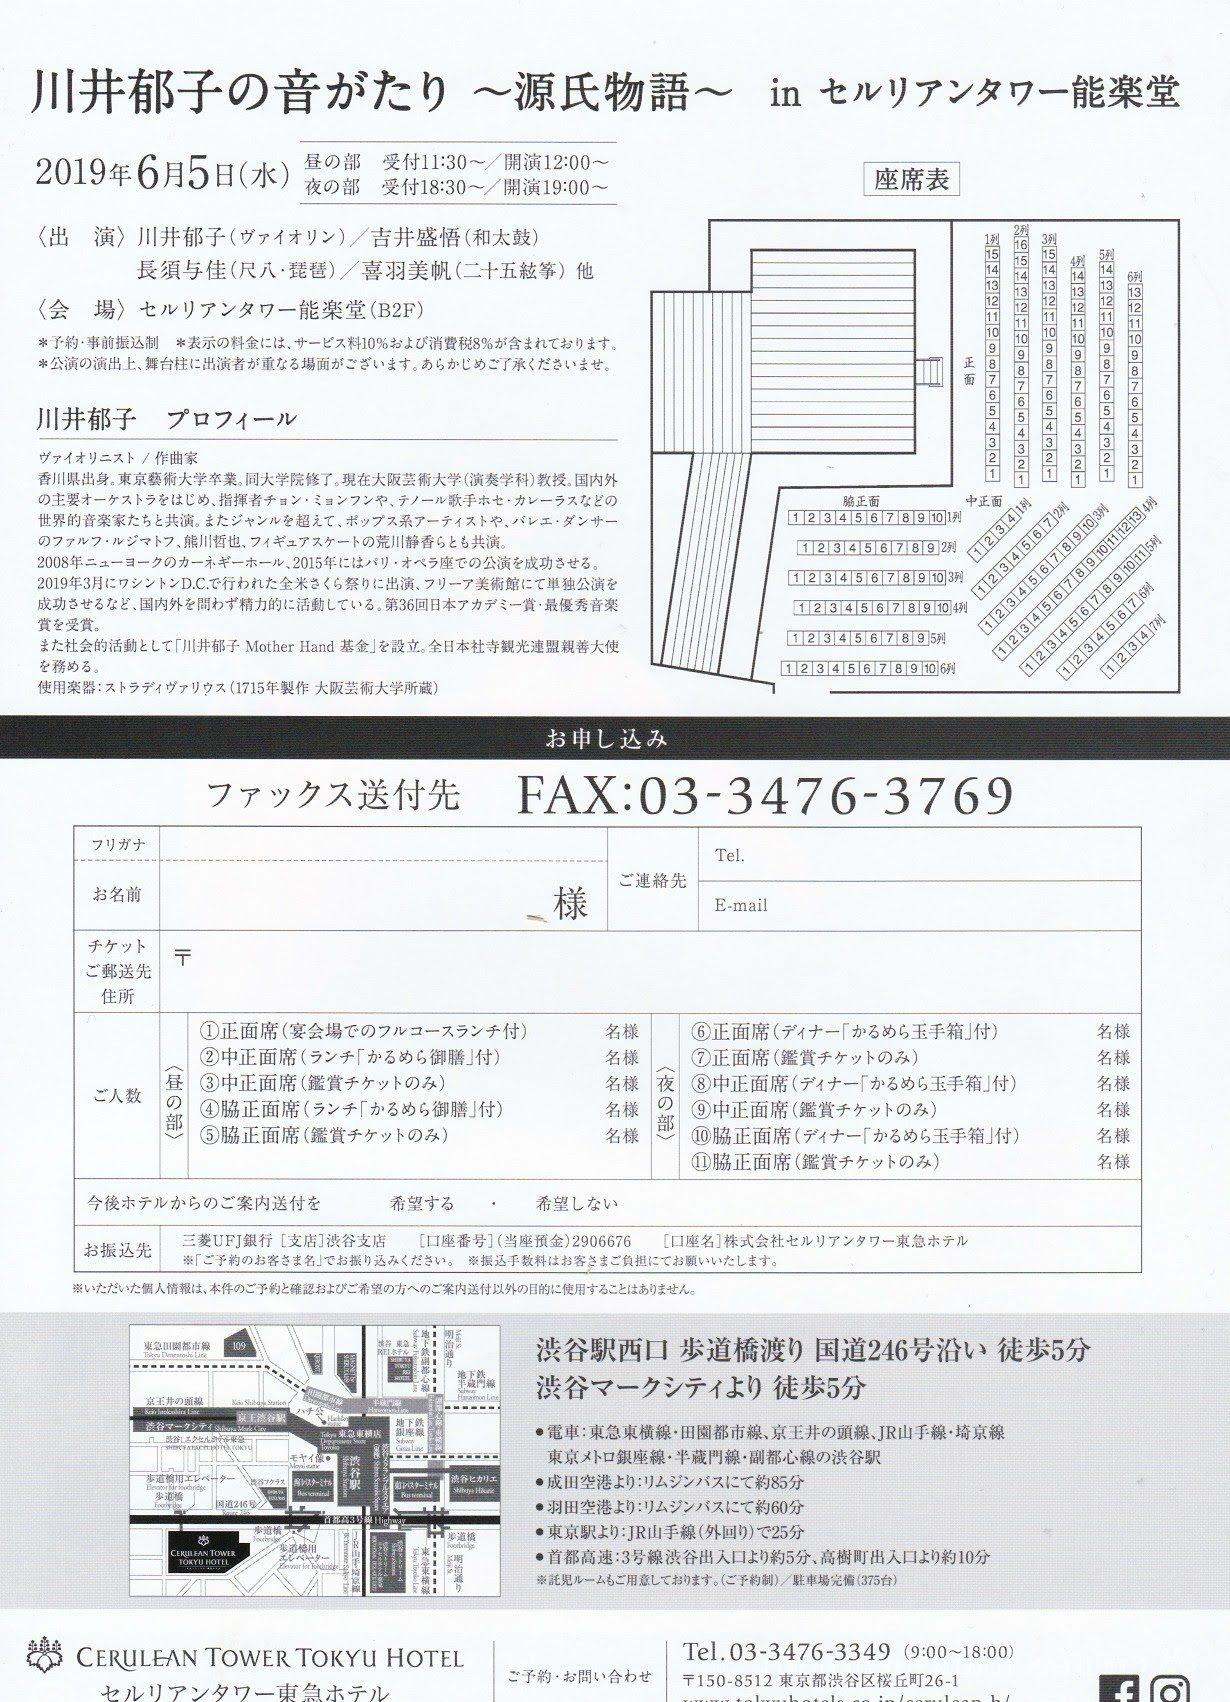 川井さんセルリアンチラシ裏201965-1230x1702